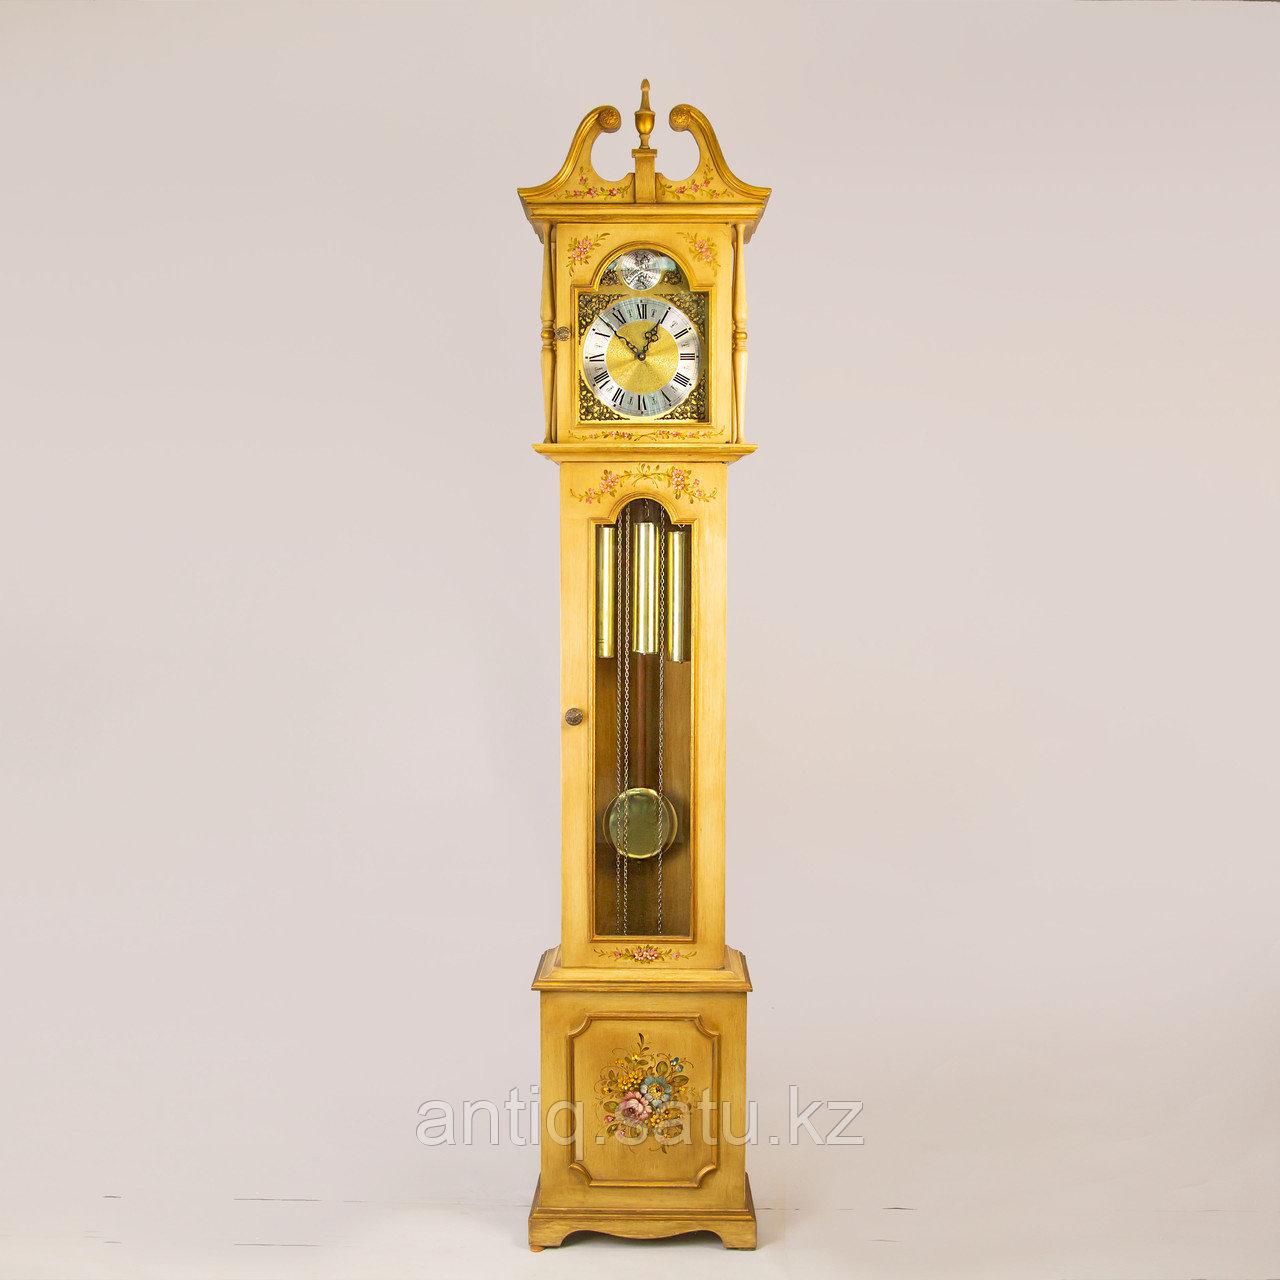 Напольные часы. Часовая мастерская Romanet Fabrik - фото 1